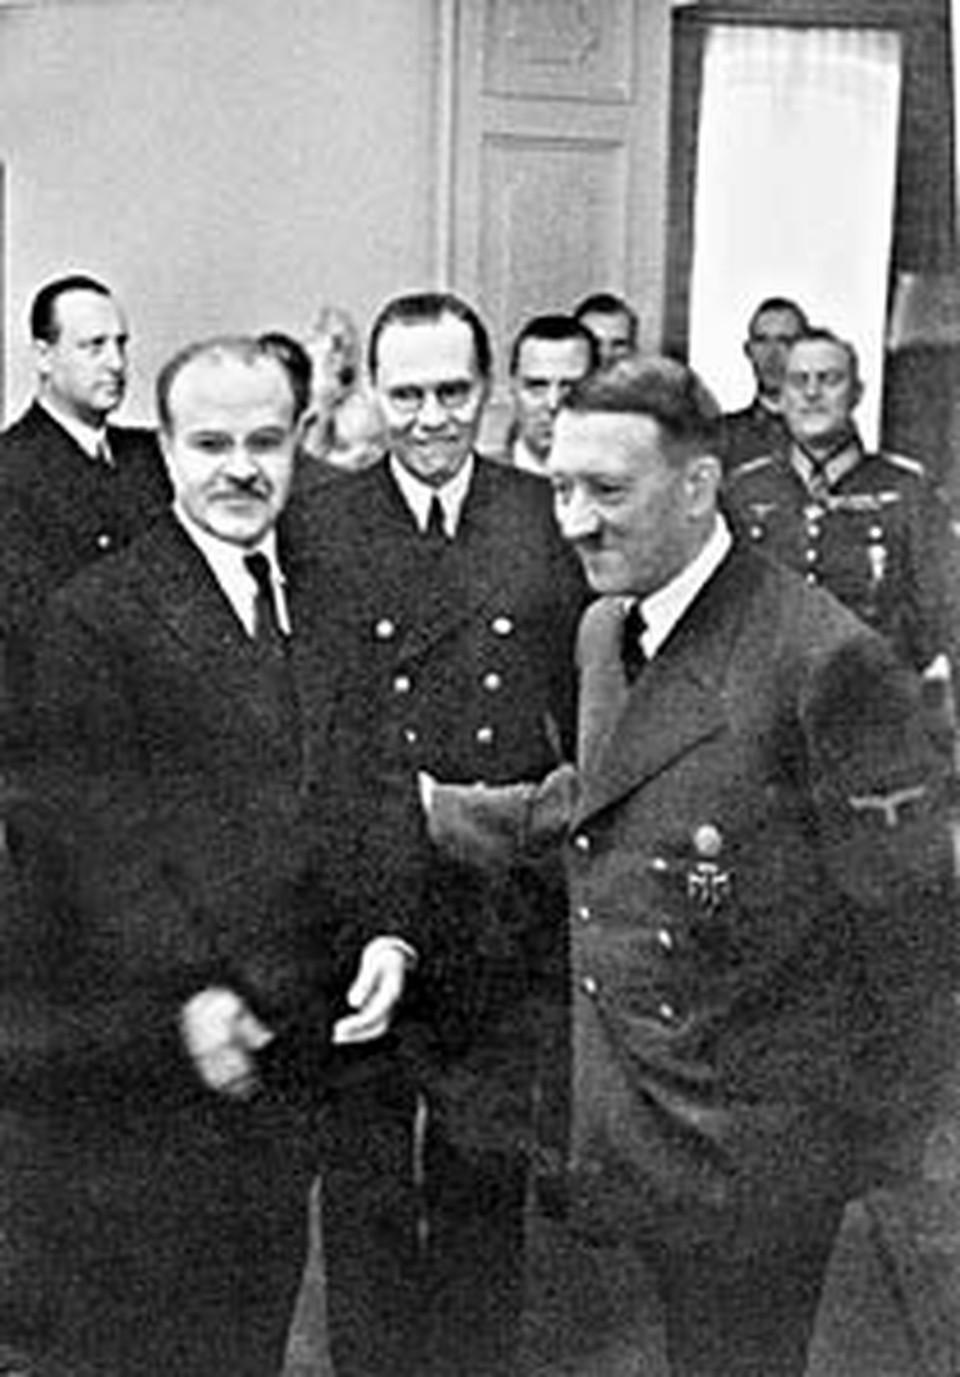 Вячеслав Молотов (на снимке слева)  на встрече с Адольфом Гитлером. Берлин, ноябрь 1940-го. До нападения Германии на Советский Союз остается семь месяцев...